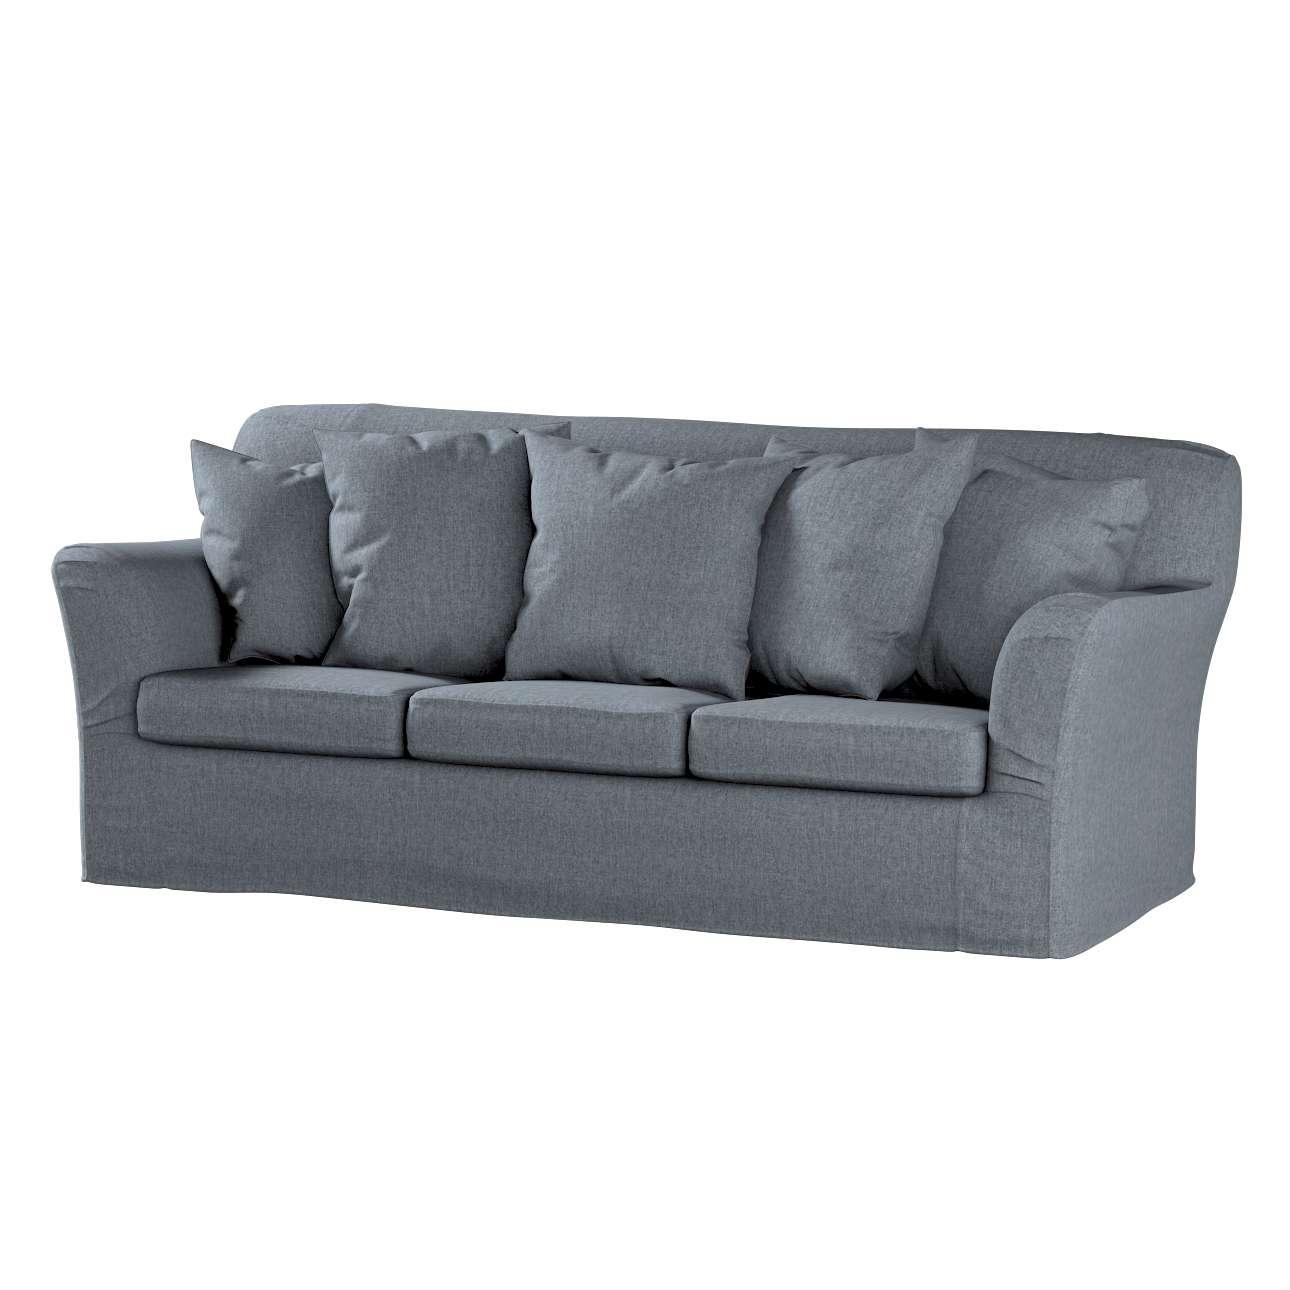 Pokrowiec na sofę Tomelilla 3-osobową nierozkładaną w kolekcji City, tkanina: 704-86